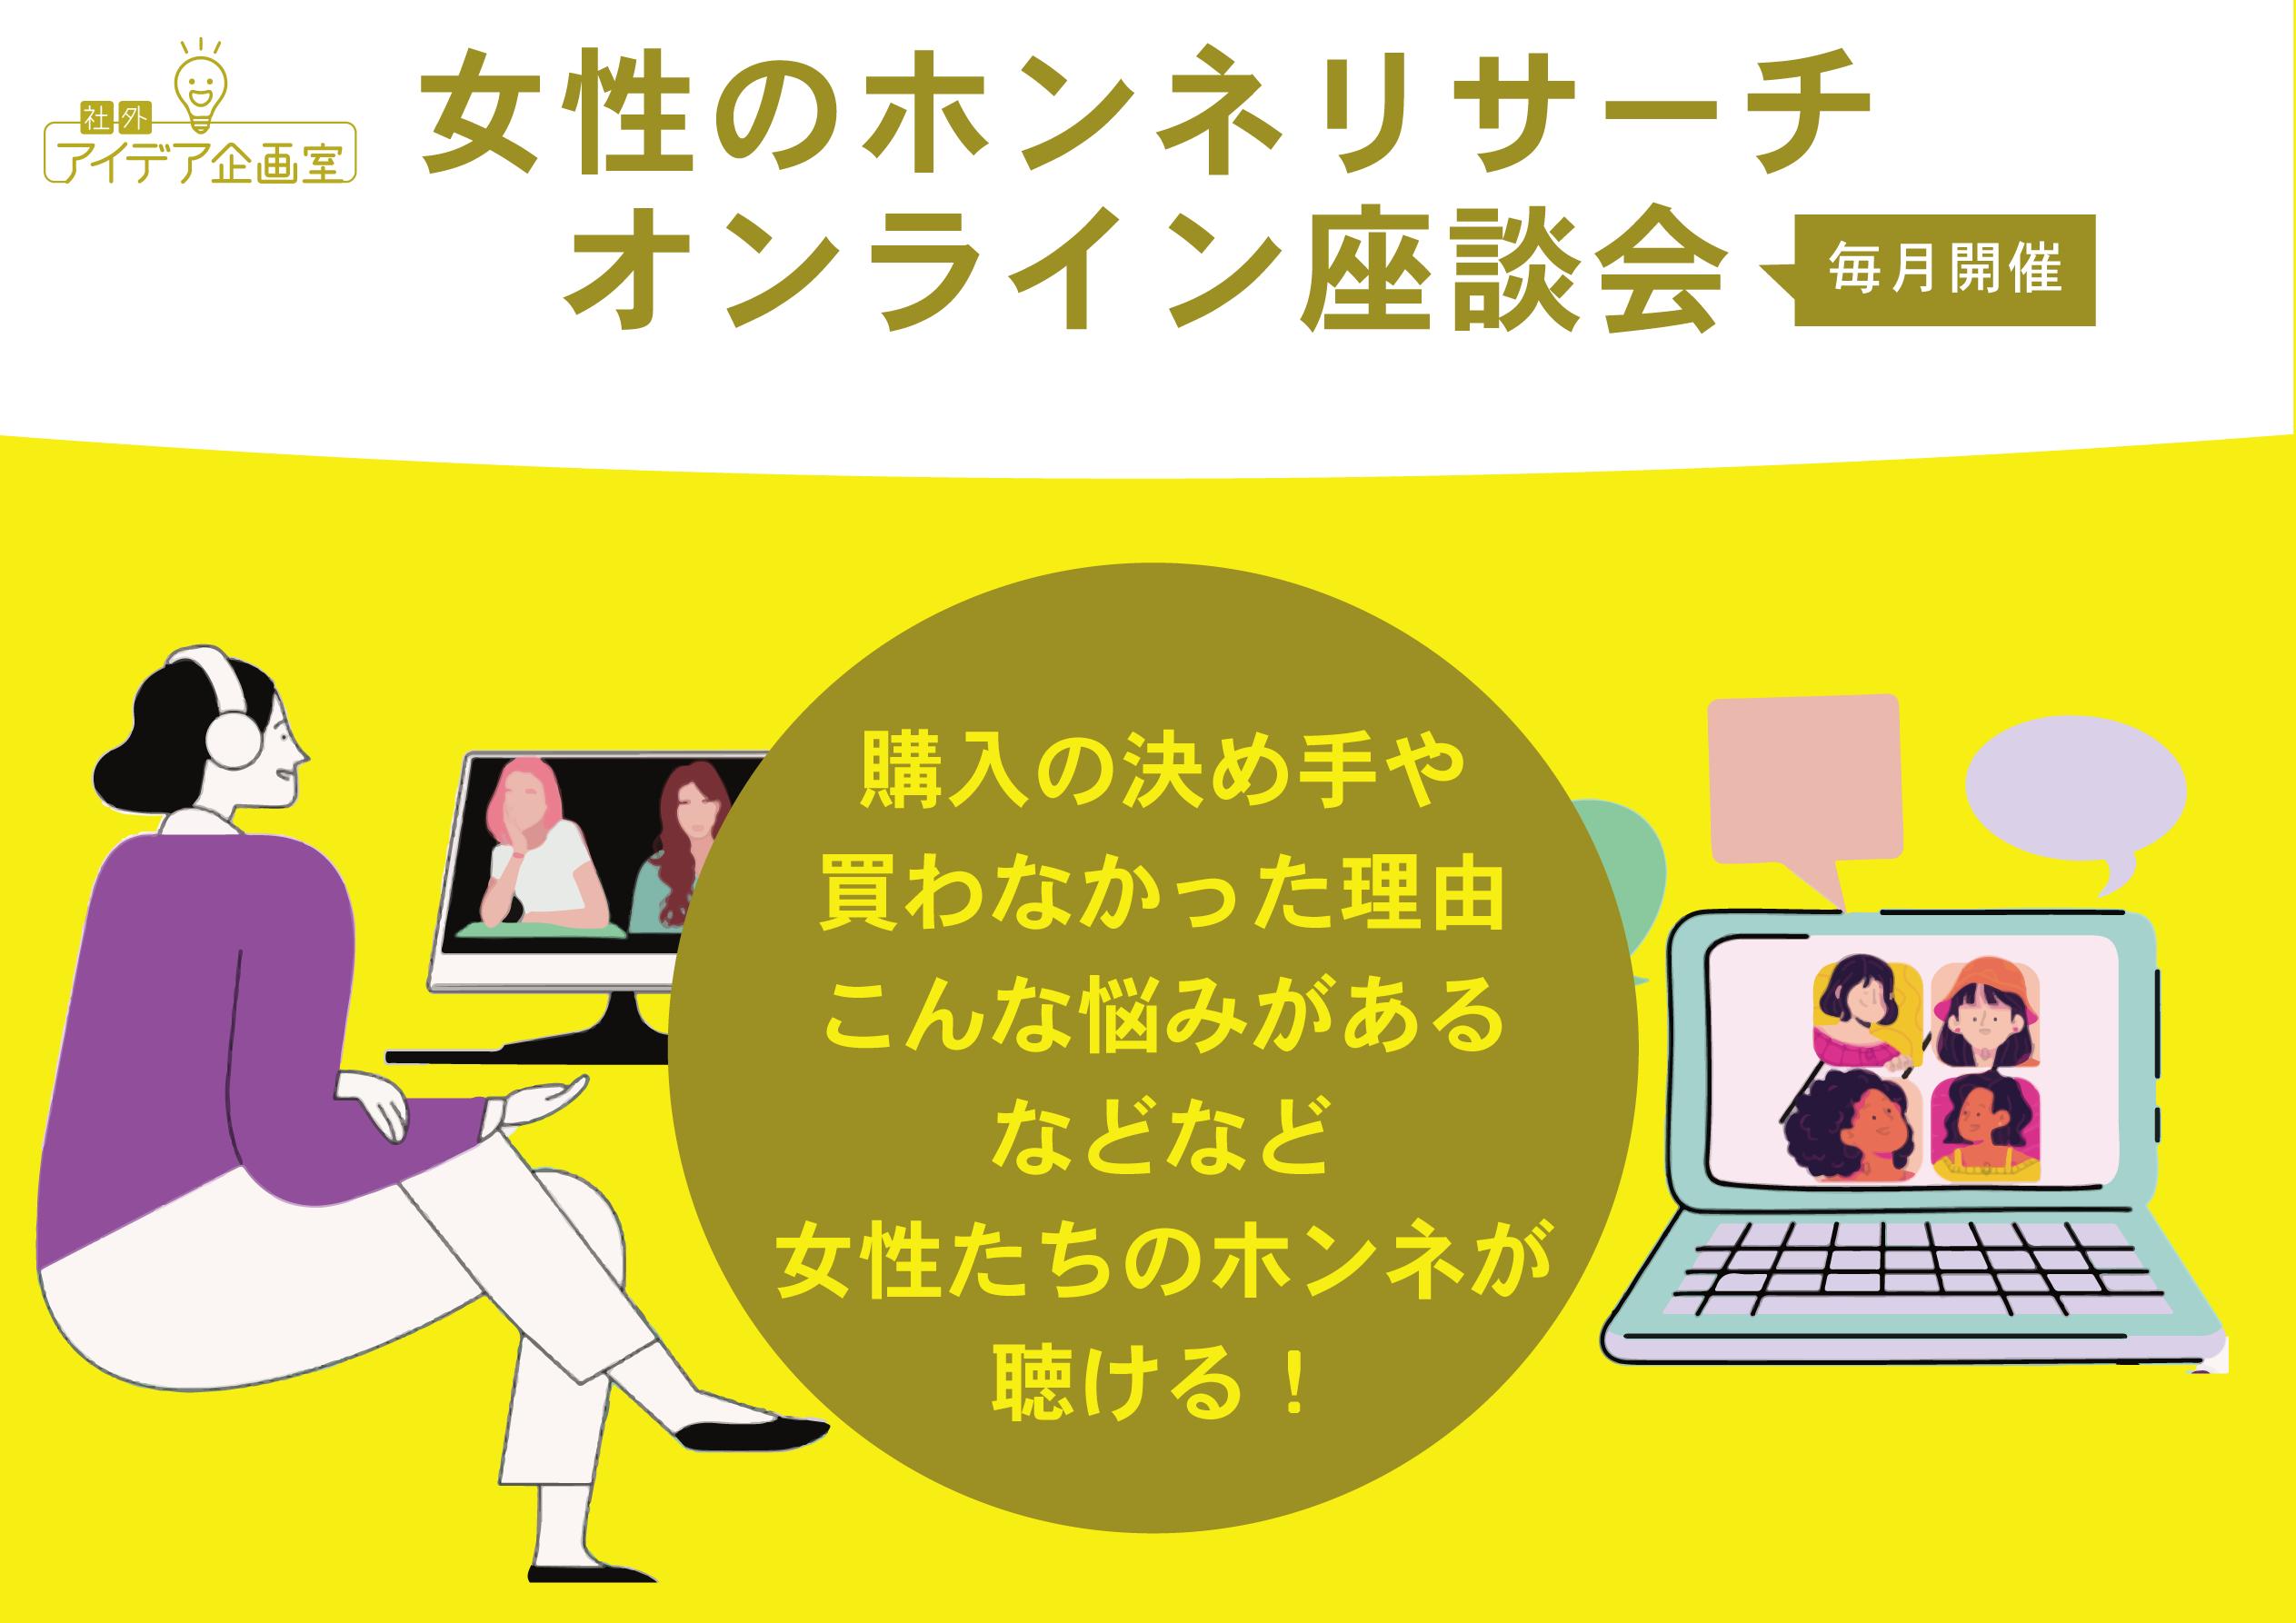 女性のホンネリサーチ・オンライン座談会